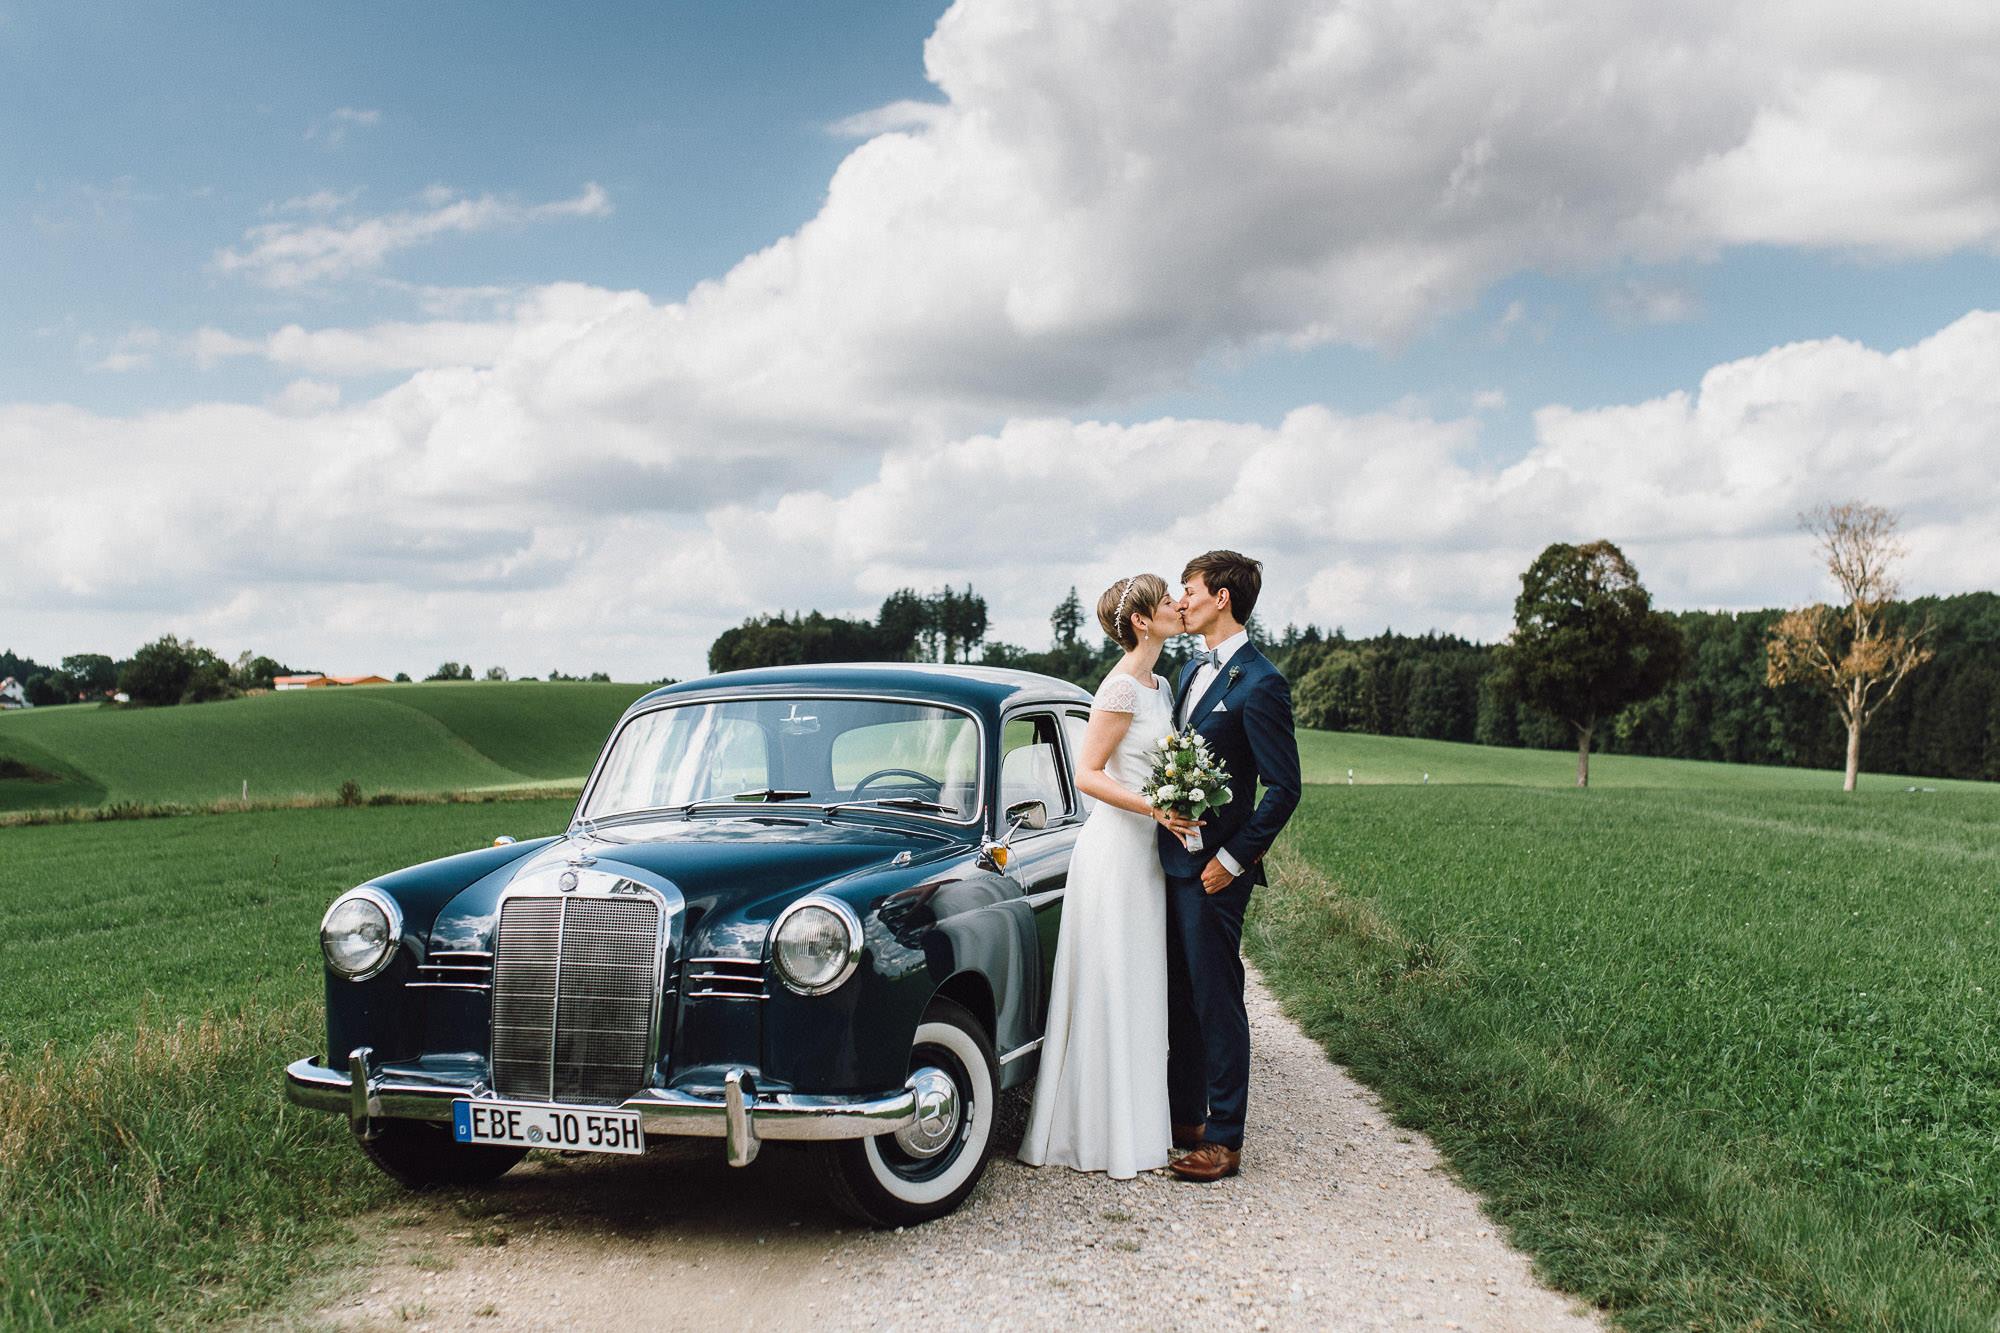 greenery-wedding-hochzeit-prielhof-sukkulenten-scheyern-lauraelenaphotography-035